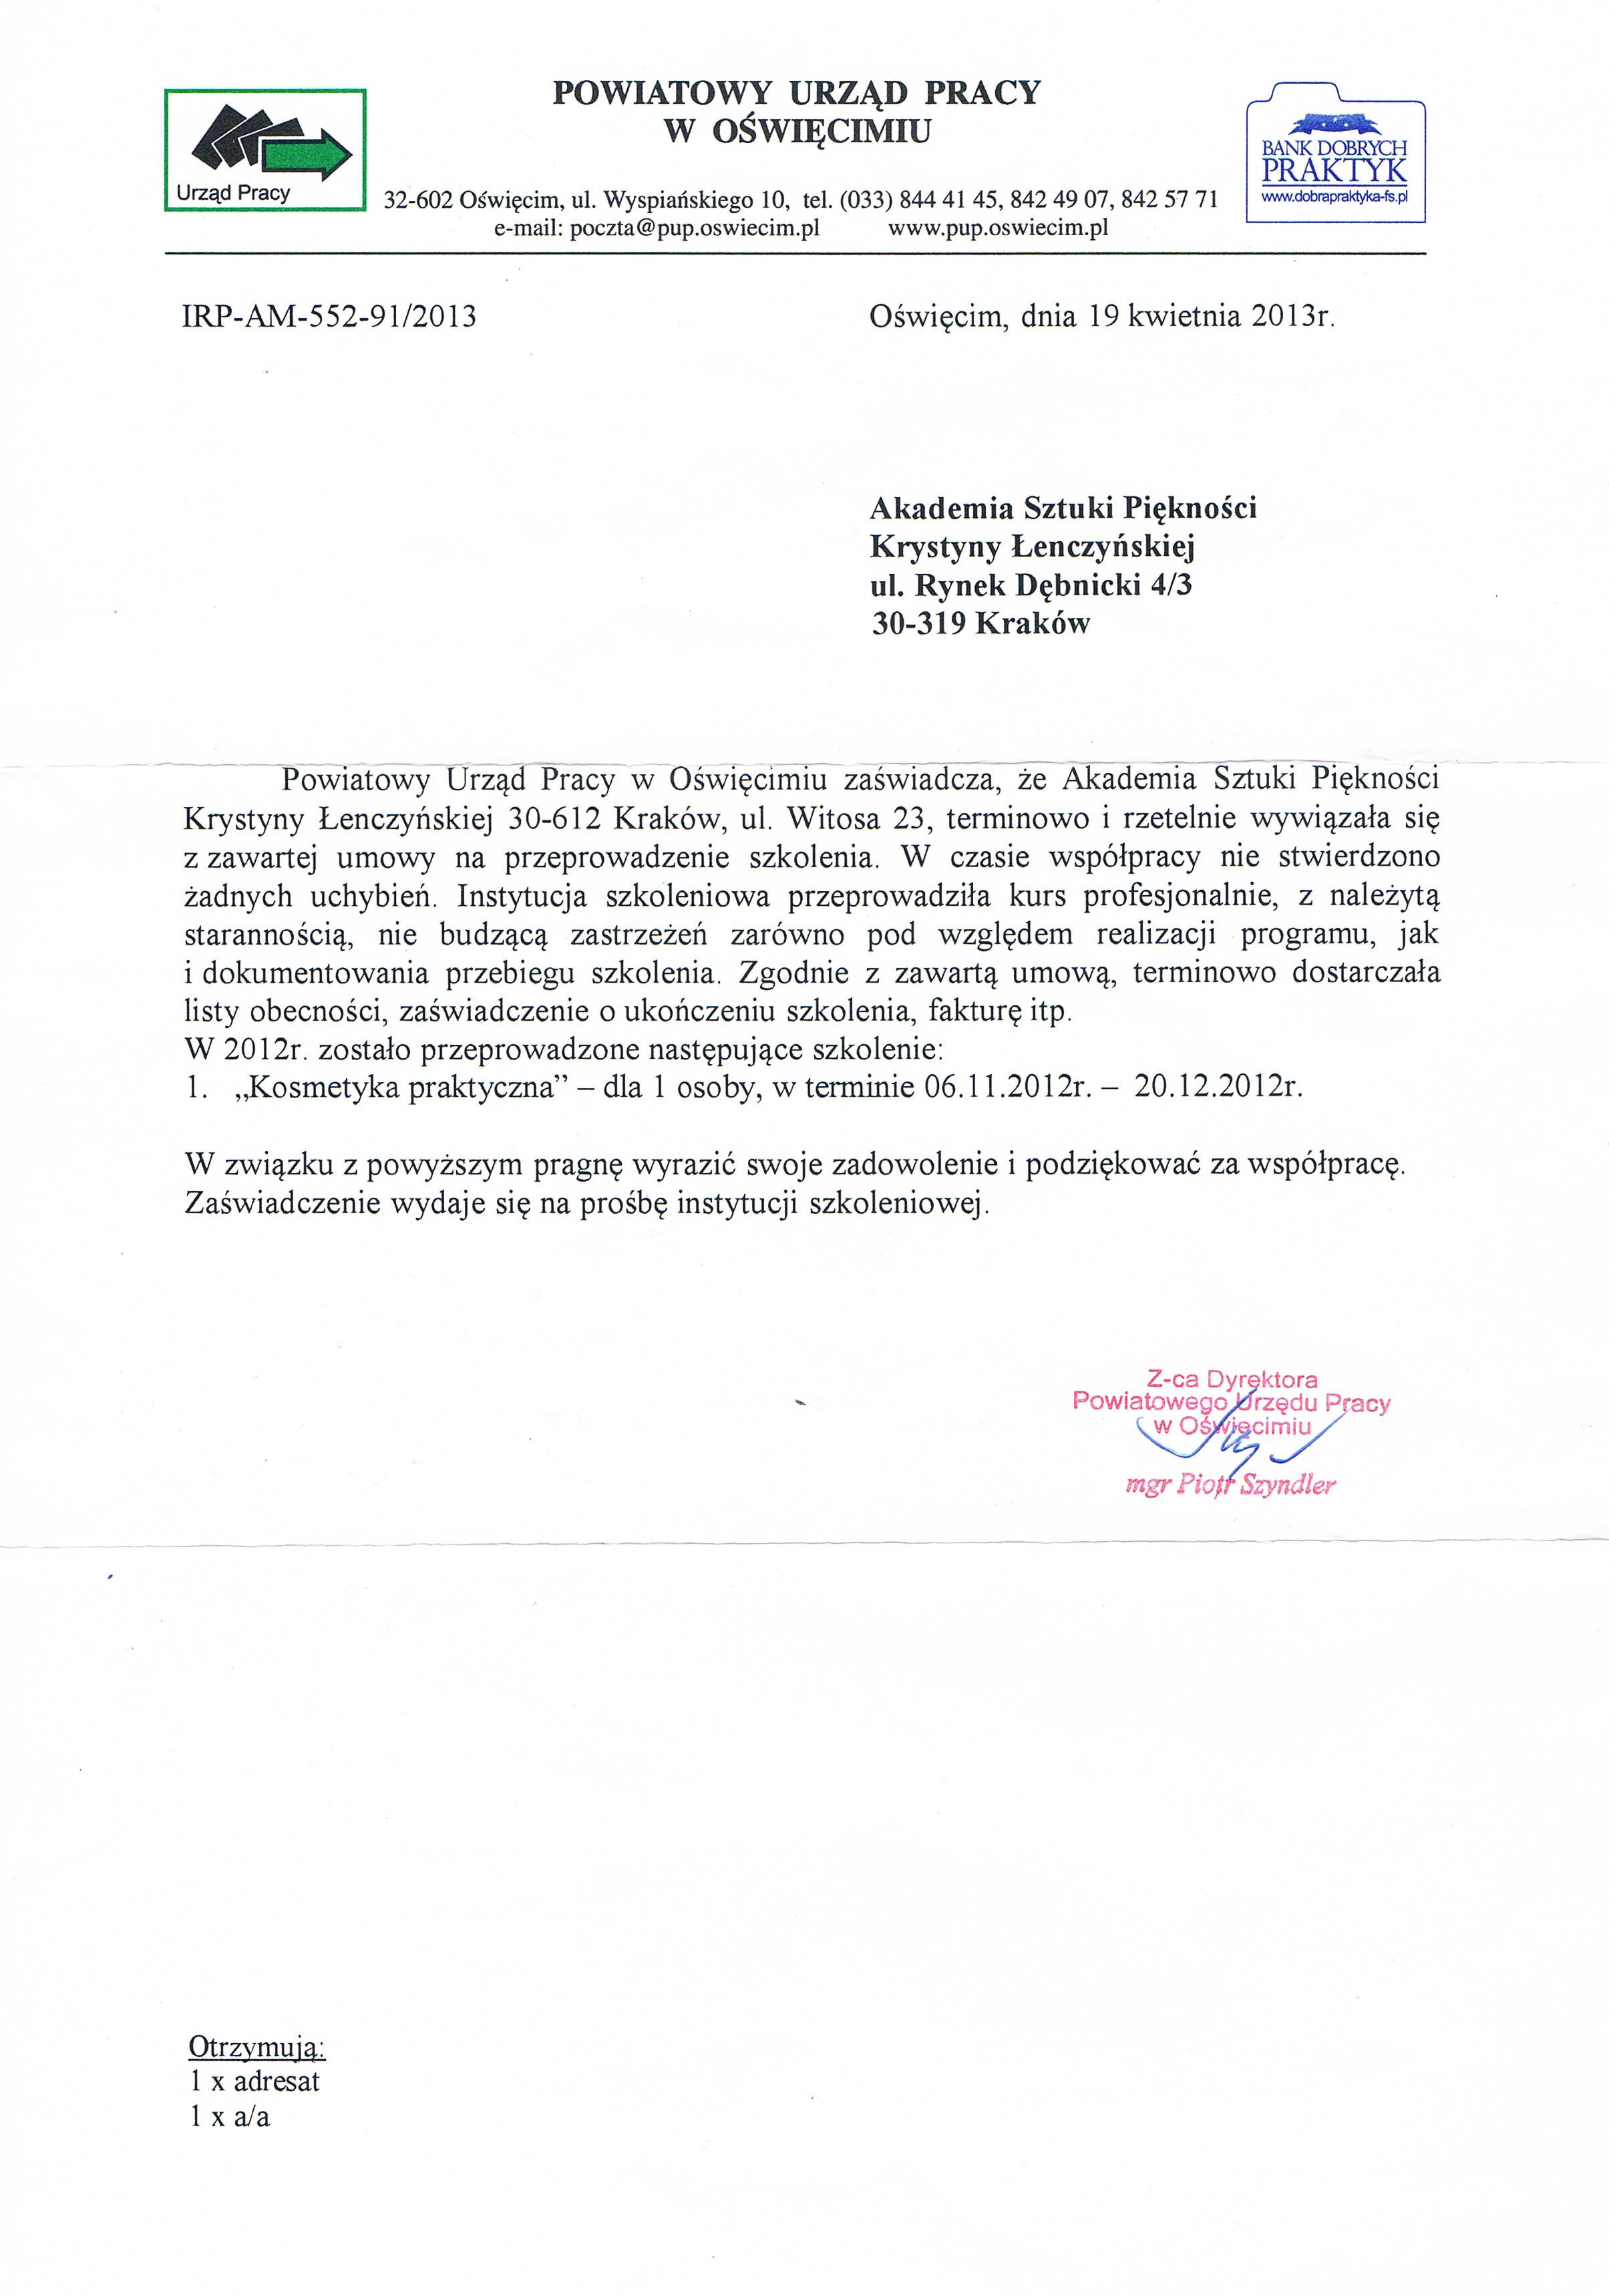 Powiatowy Urząd Pracy w Oświęcimiu-Oświęcim